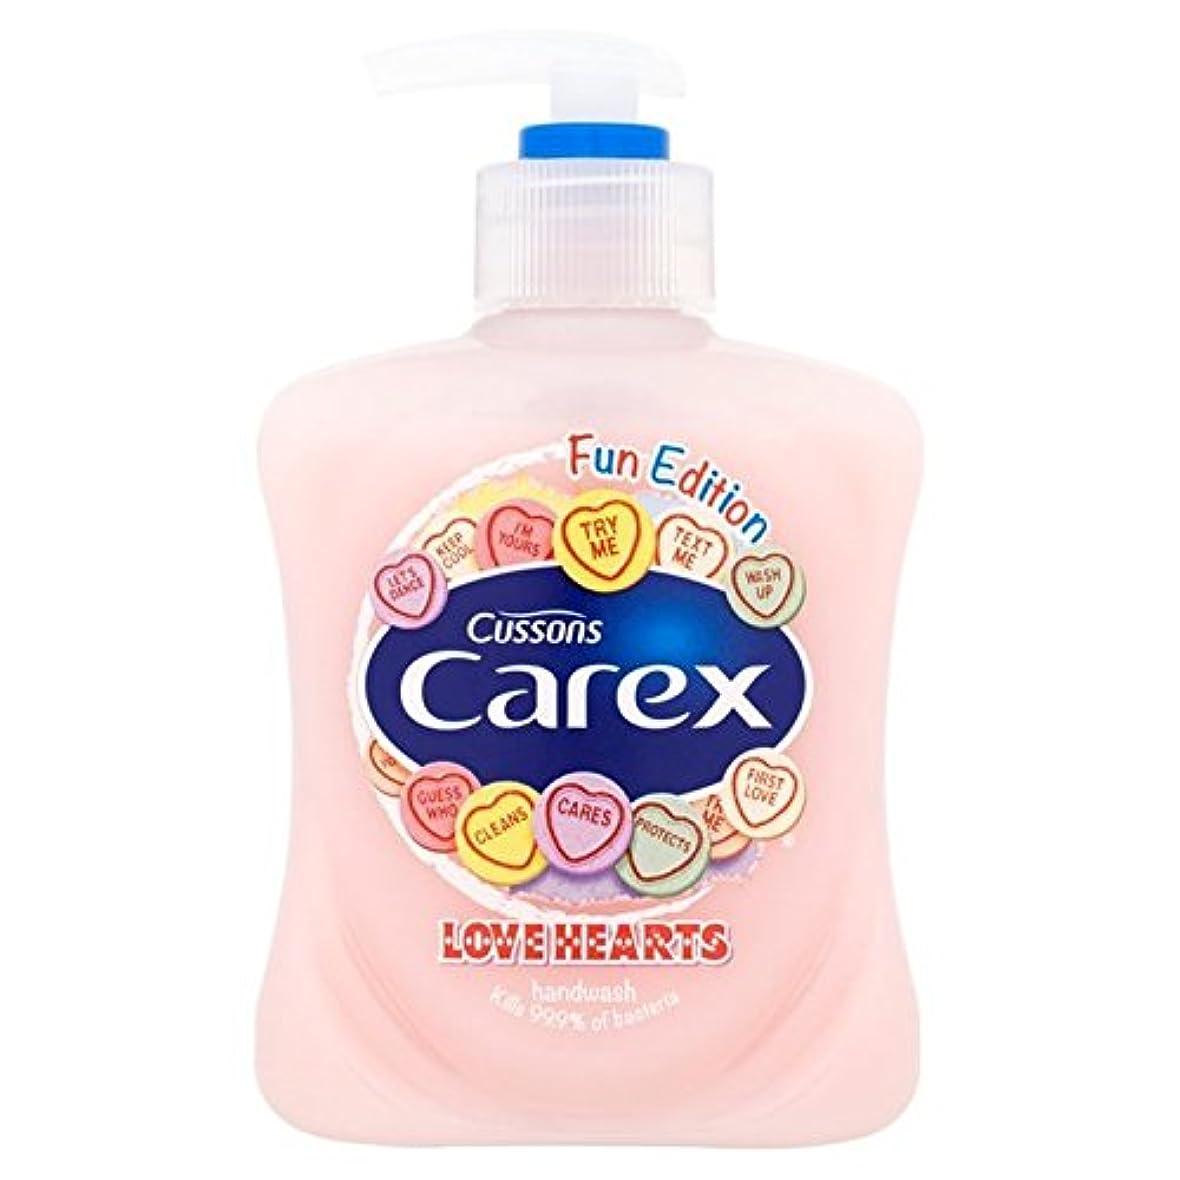 不変大いにパトロンスゲ楽しい版愛の心のハンドウォッシュ250ミリリットル x4 - Carex Fun Edition Love Hearts Hand Wash 250ml (Pack of 4) [並行輸入品]